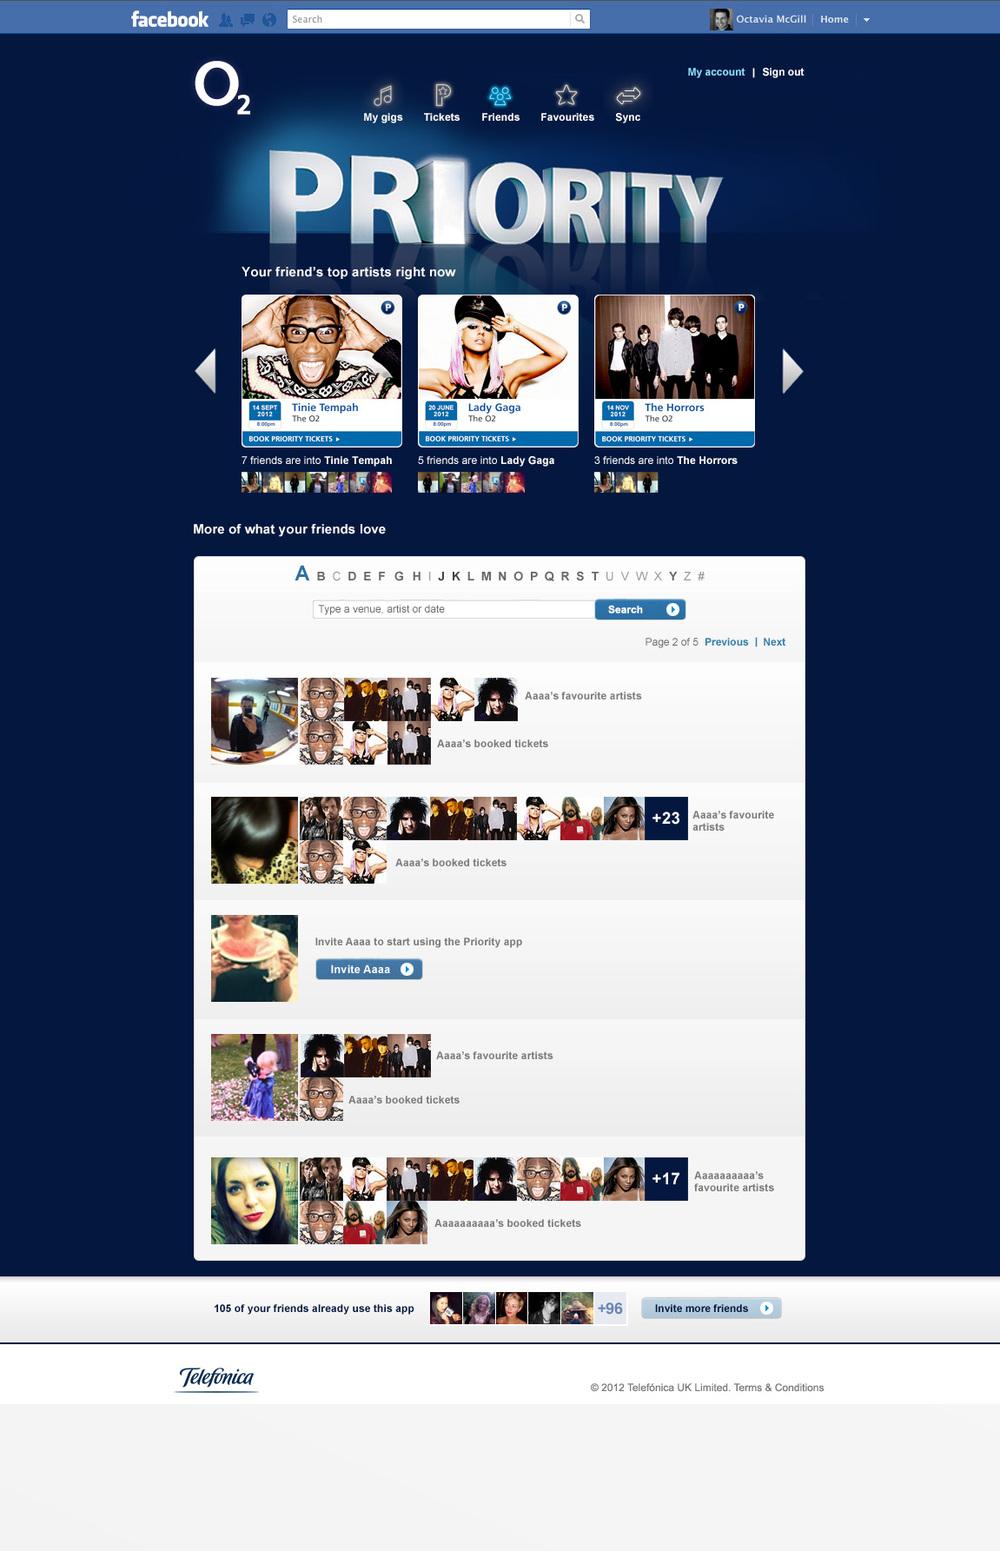 O2_Facebook_6B_Friends_v9.jpg